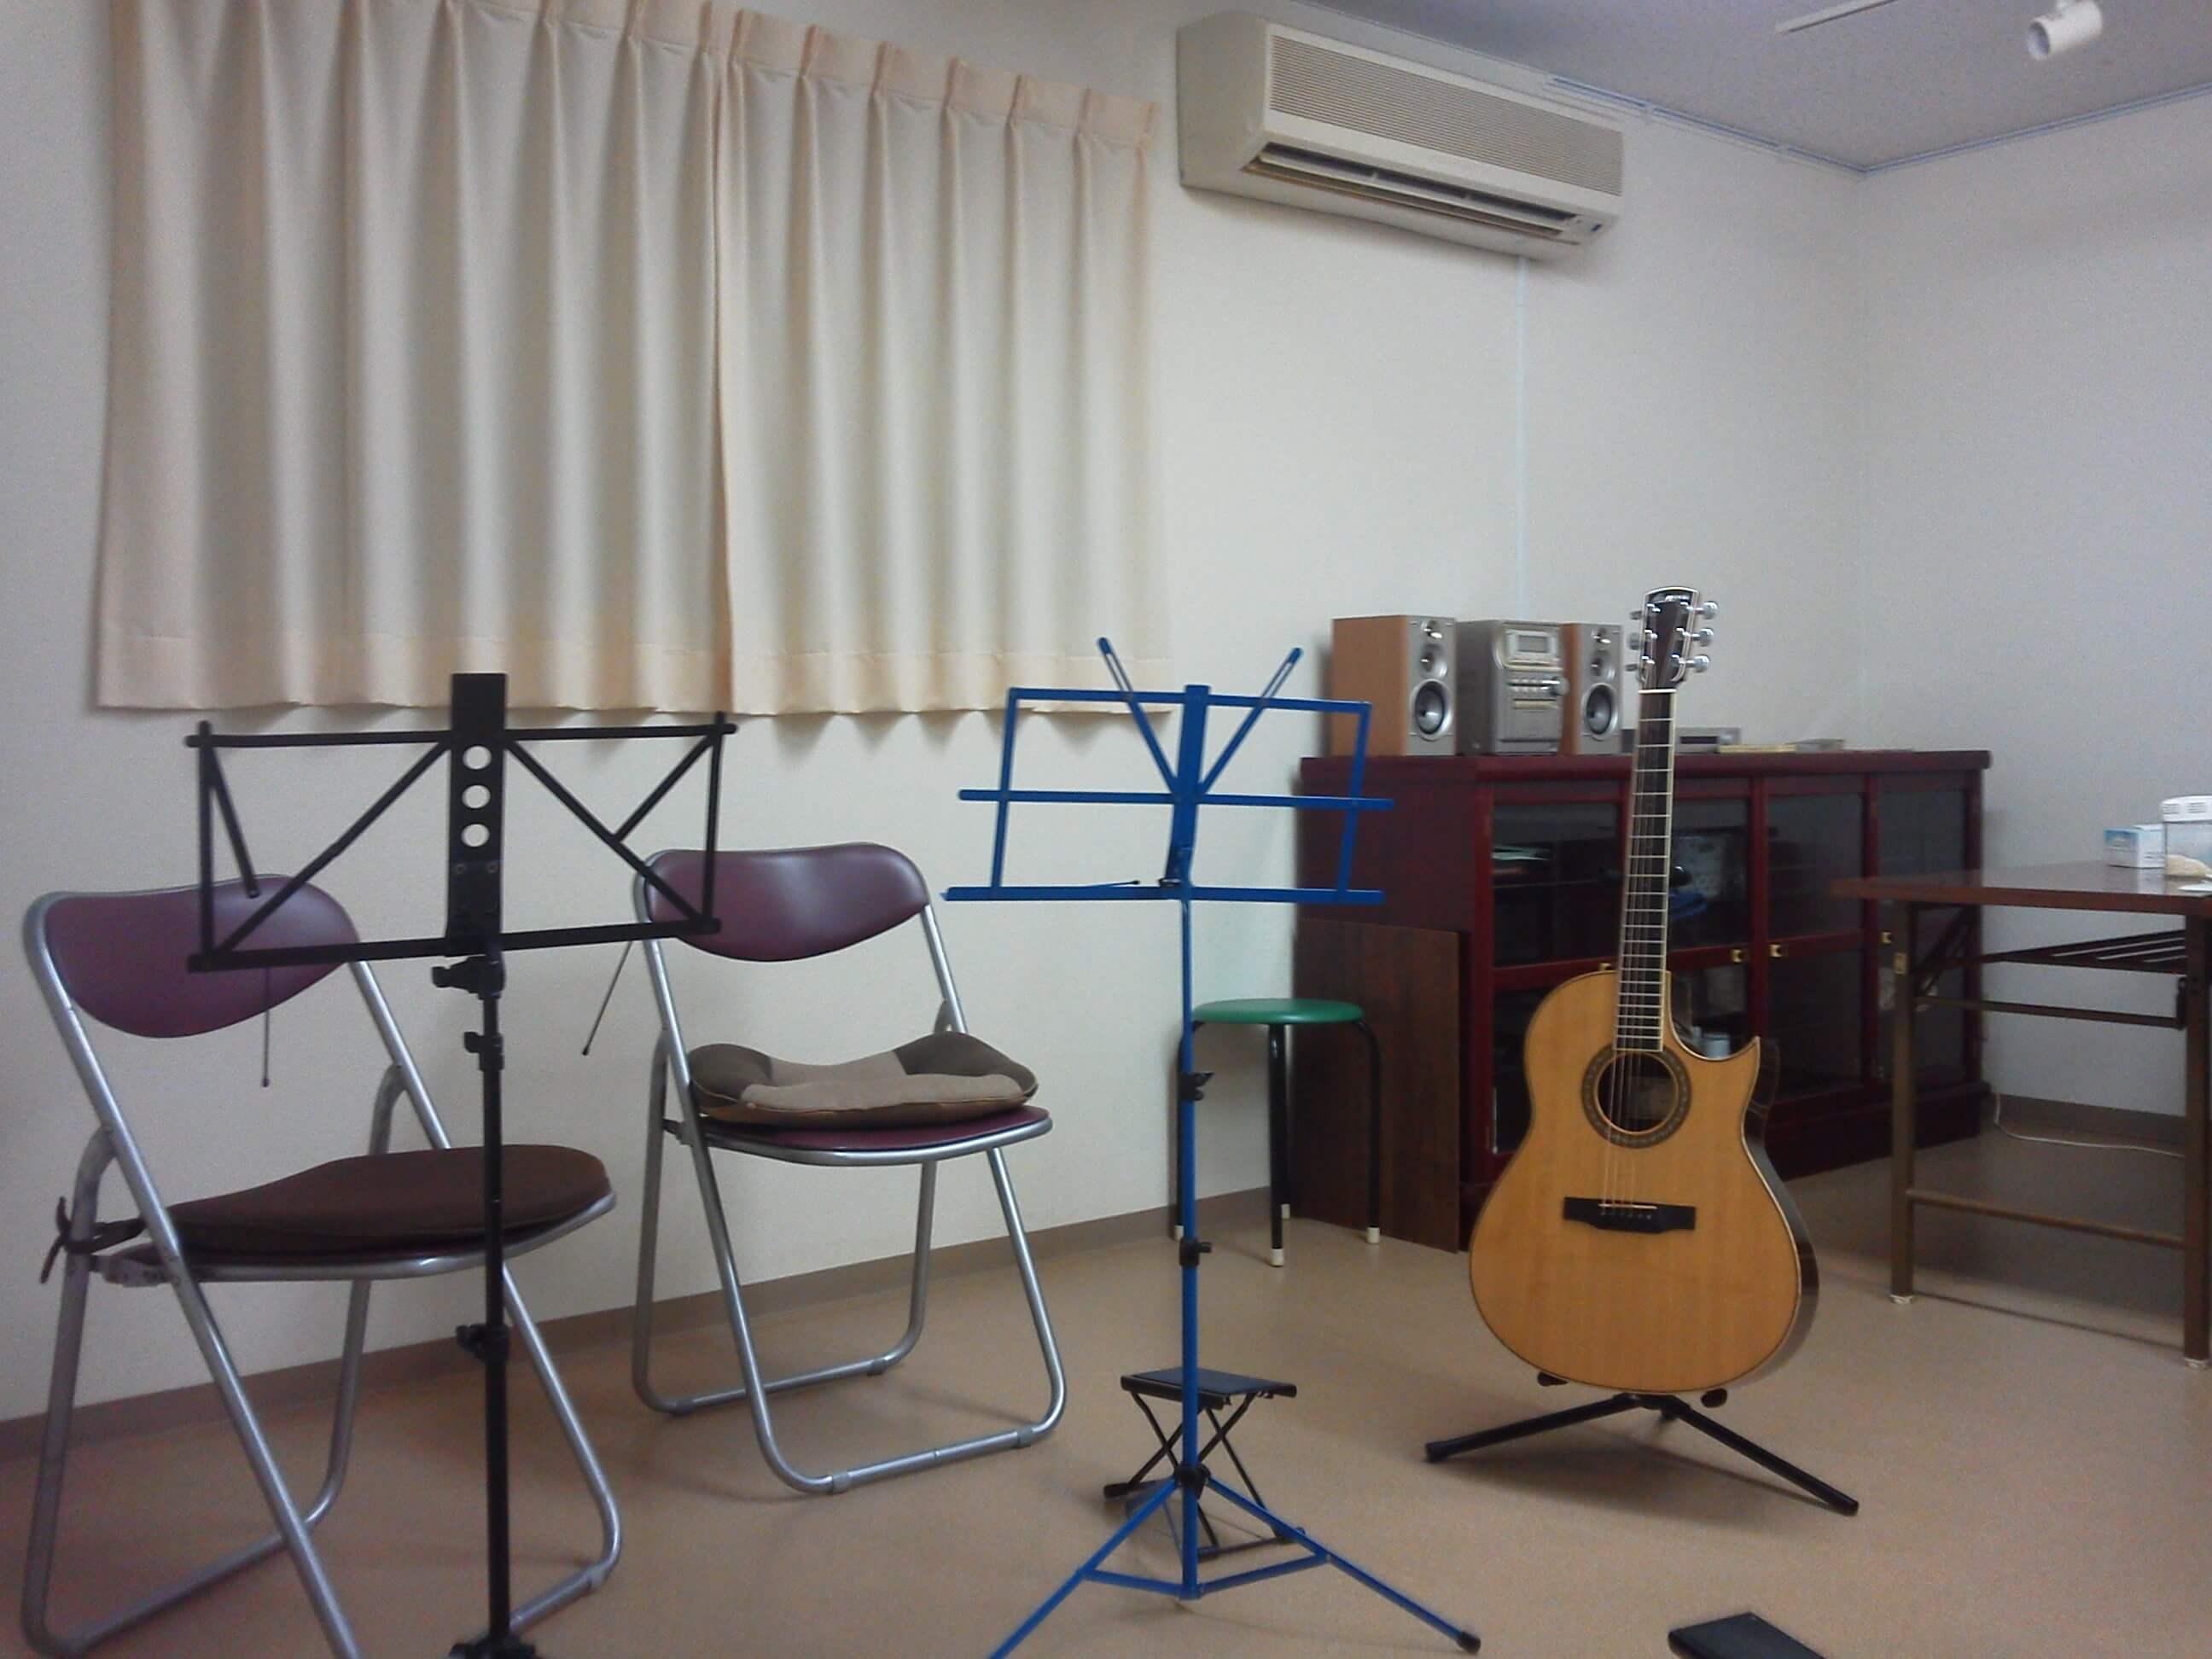 ラミューズ音楽教室&工房